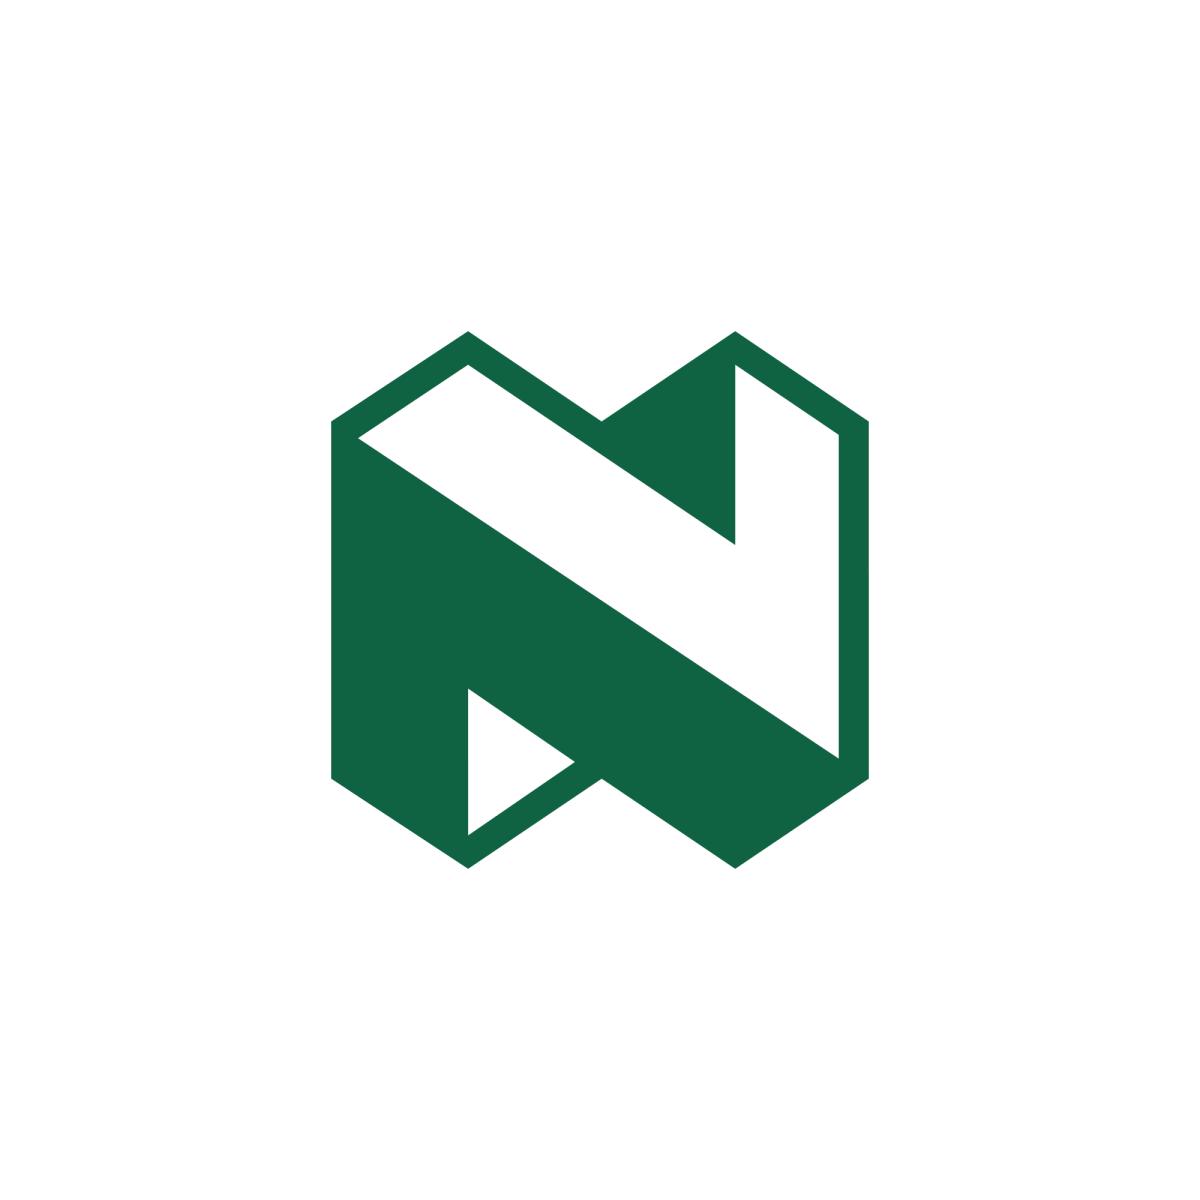 Nedgroup Investments Logo Letter Logo Letter N Lettermark Logos